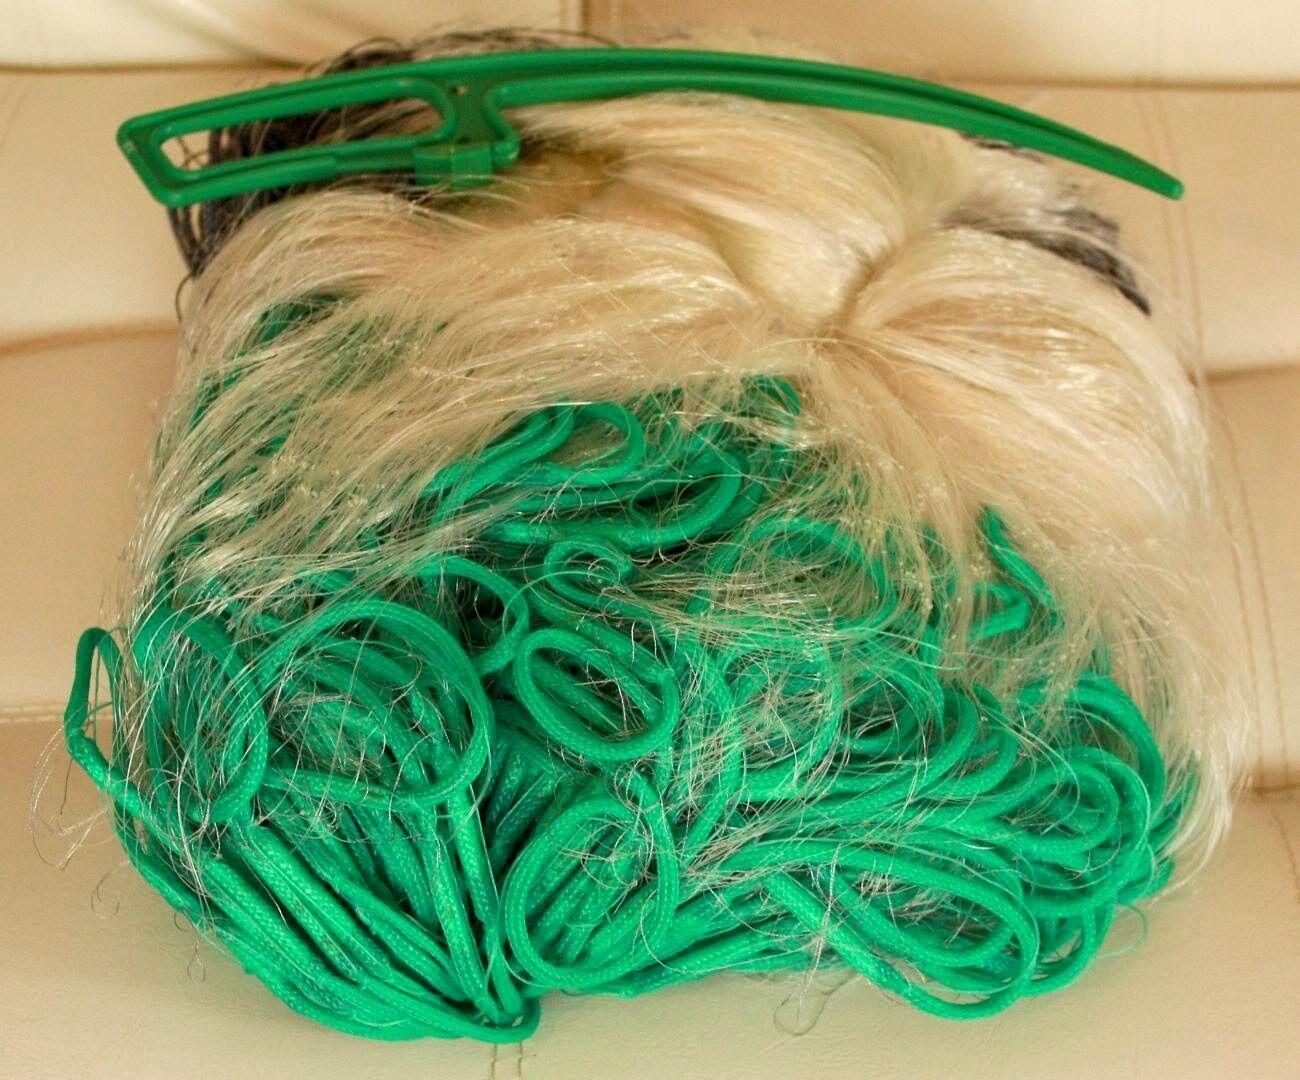 Rete fisse, rete di pesce, kastingnetz, Profi metti rete 1,8mx60 M 60 MM, Finle rete